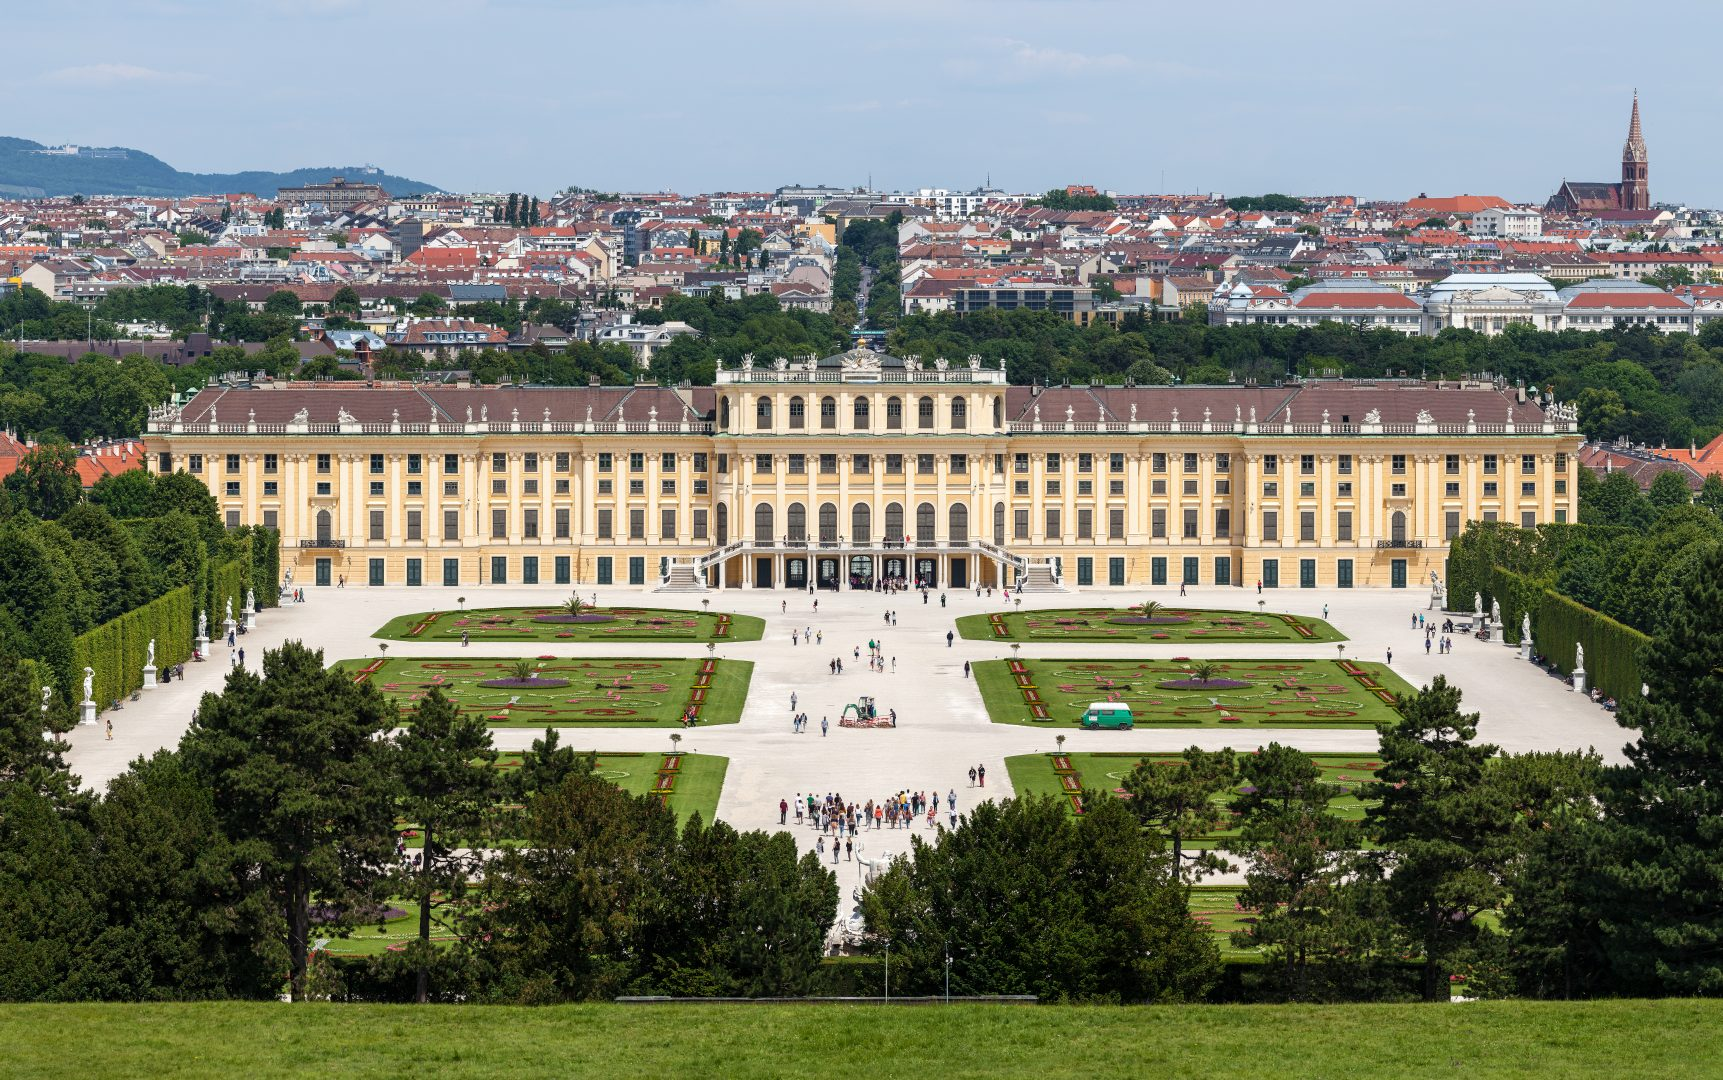 Schönbrunn Palace, Austria